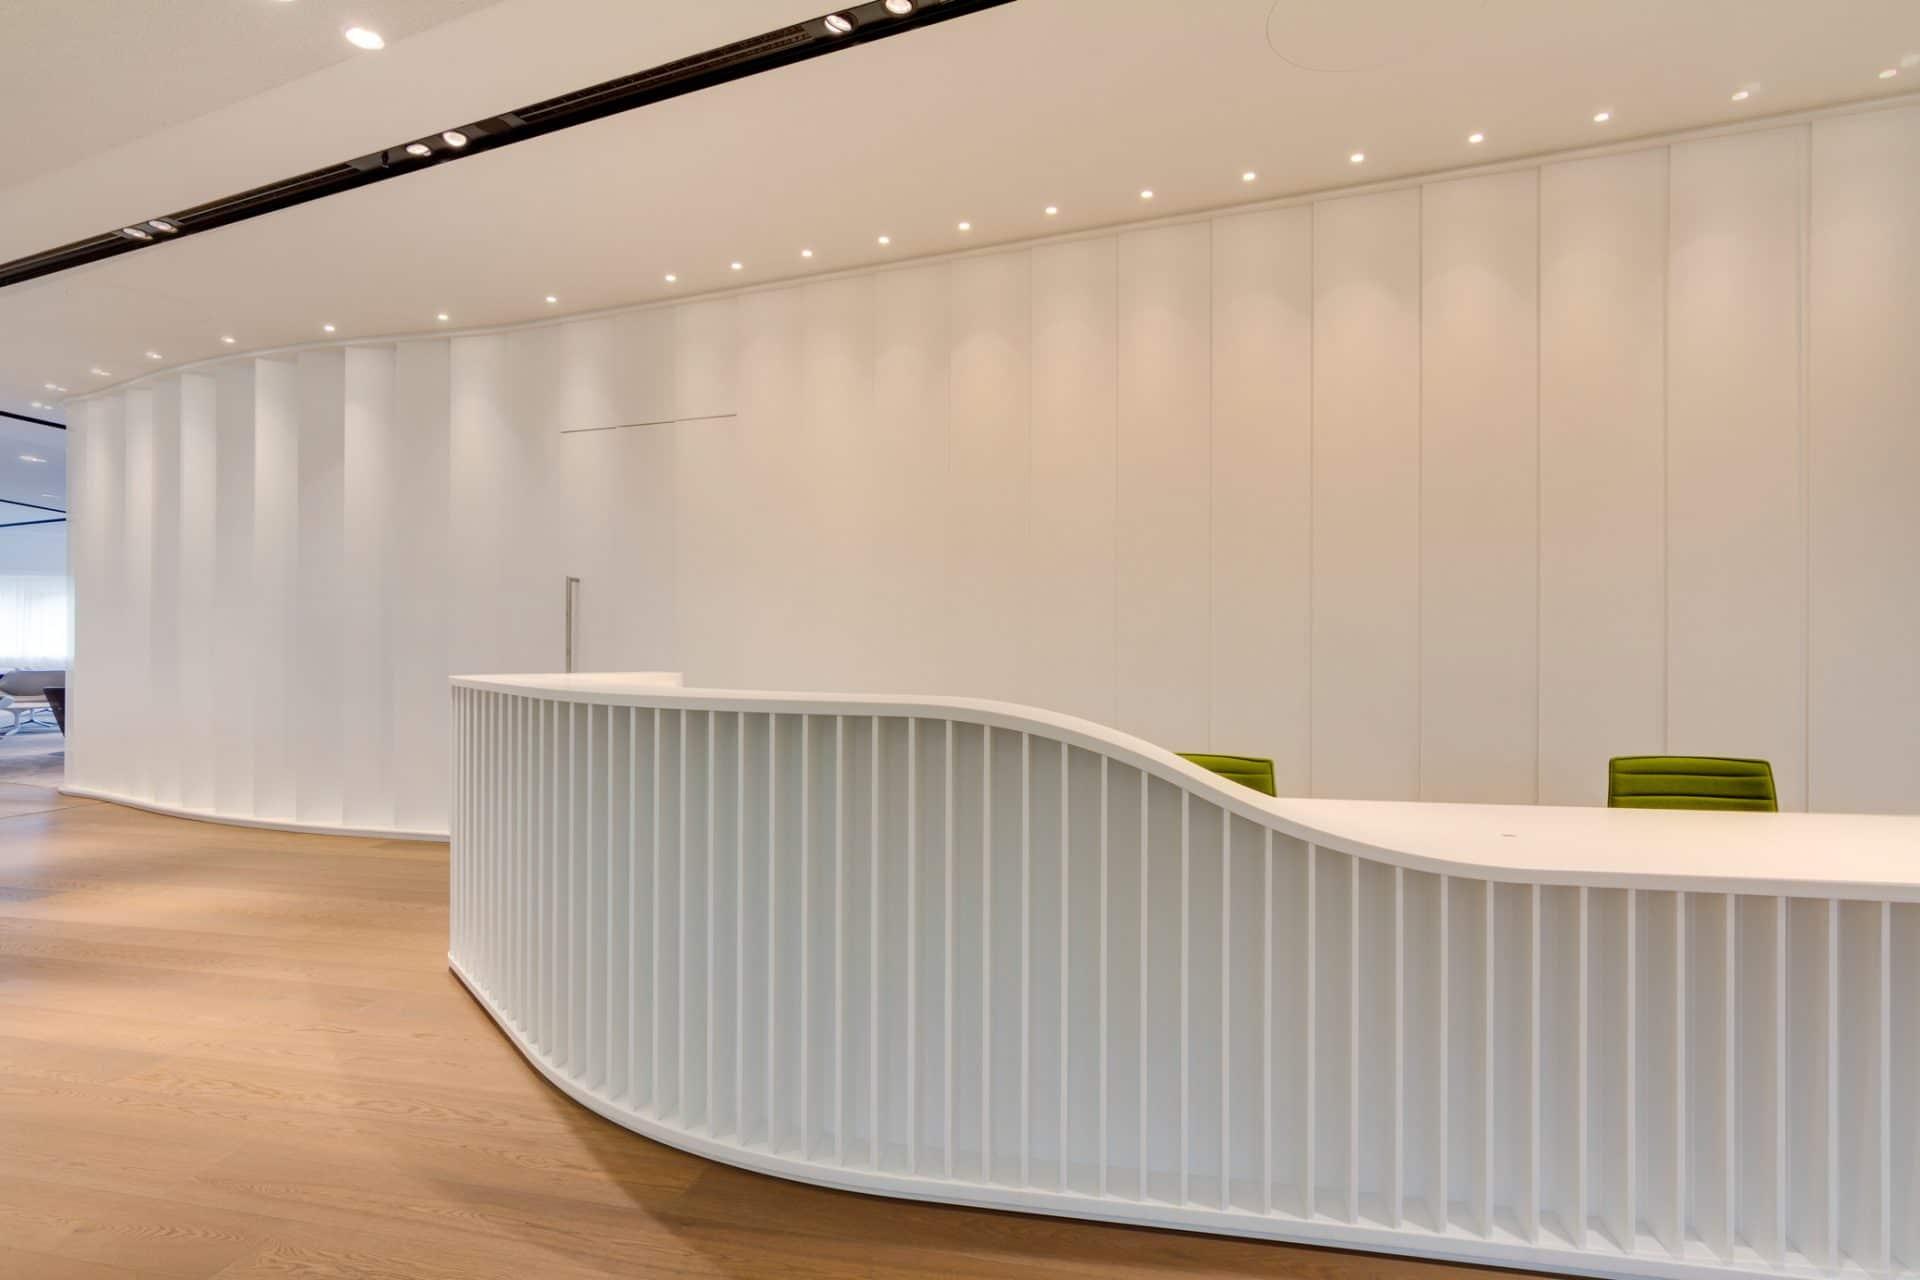 Bavaria Lounge in der Messe München, weißer Tresen